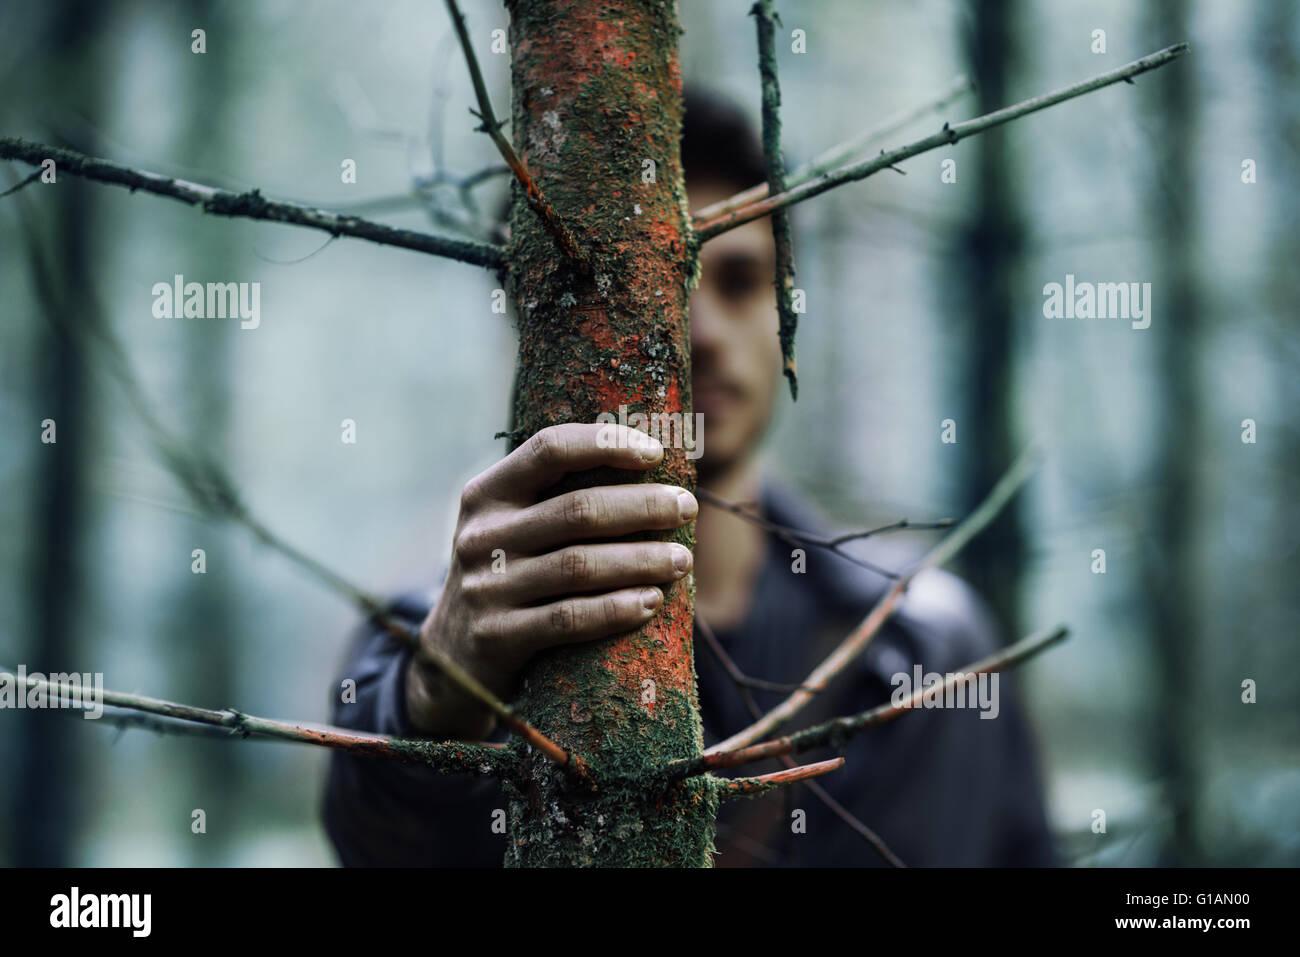 Joven se esconden en los bosques y manteniendo un tronco, con la mano en primer plano, el enfoque selectivo Imagen De Stock